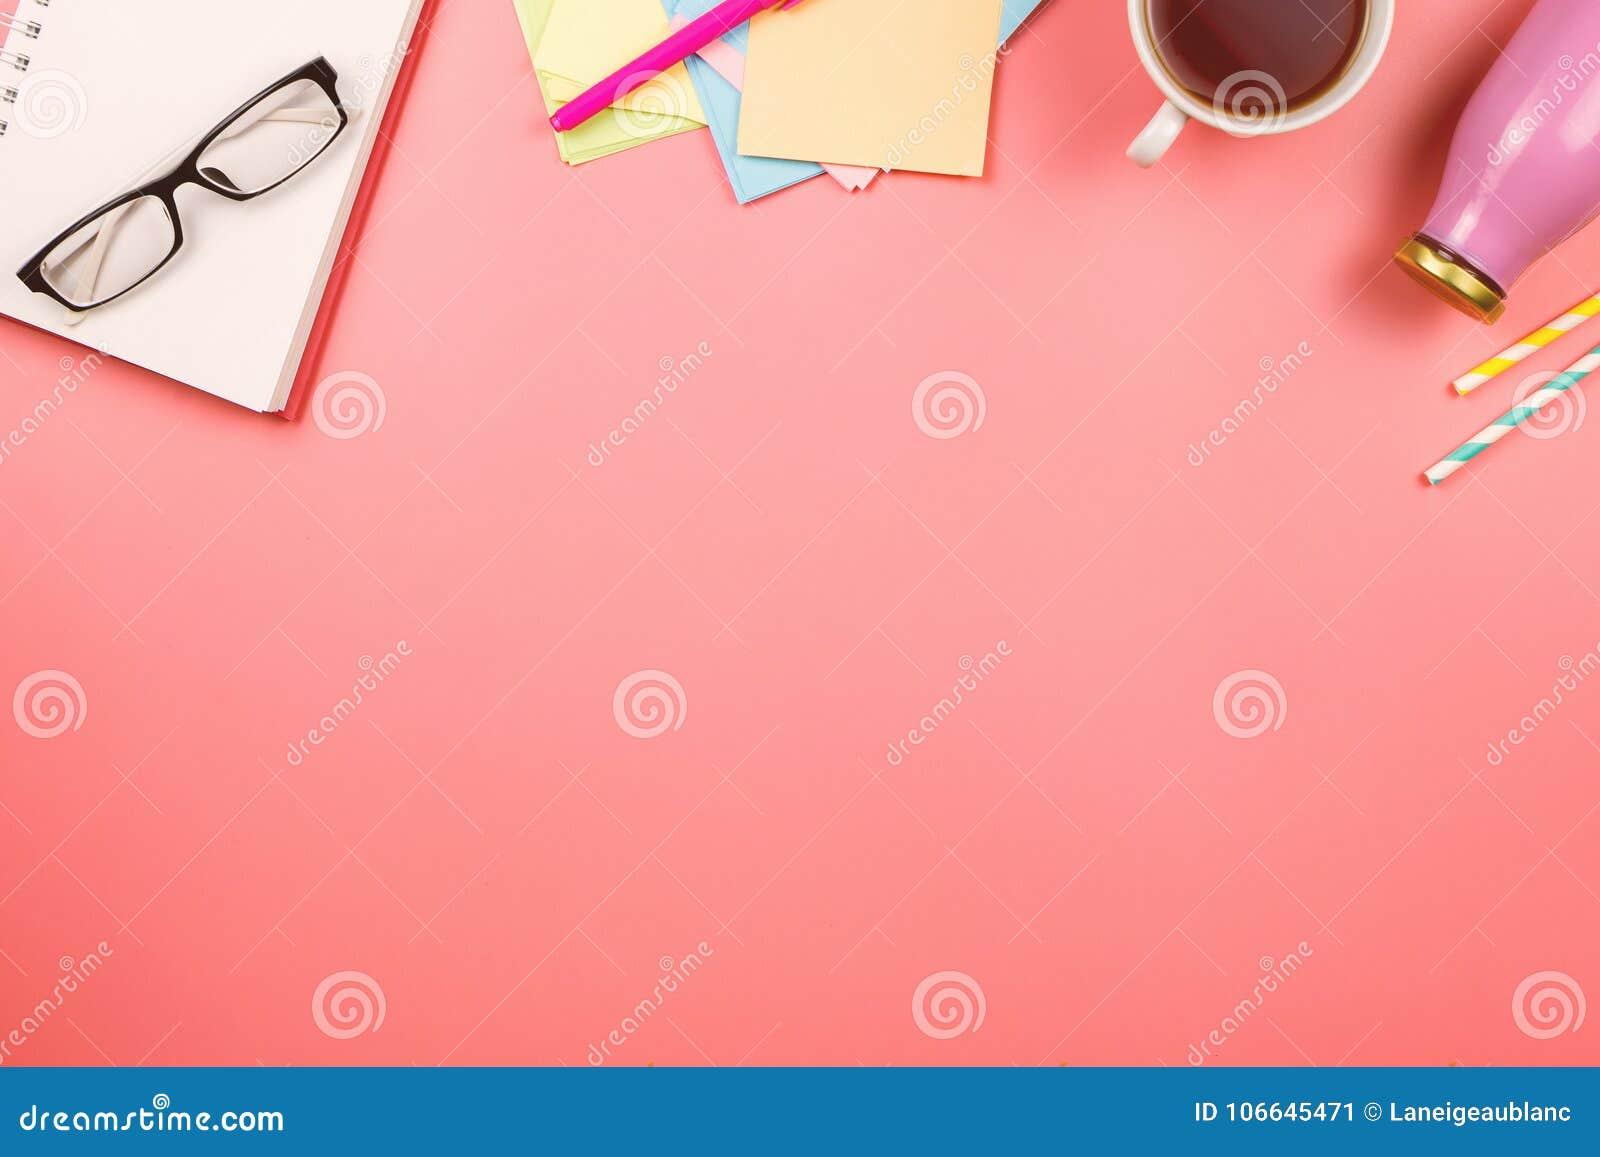 Beau flatlay avec le carnet, les verres, les papiers de note colorés, la tasse de thé, la bouteille avec du jus ou le smoothie et